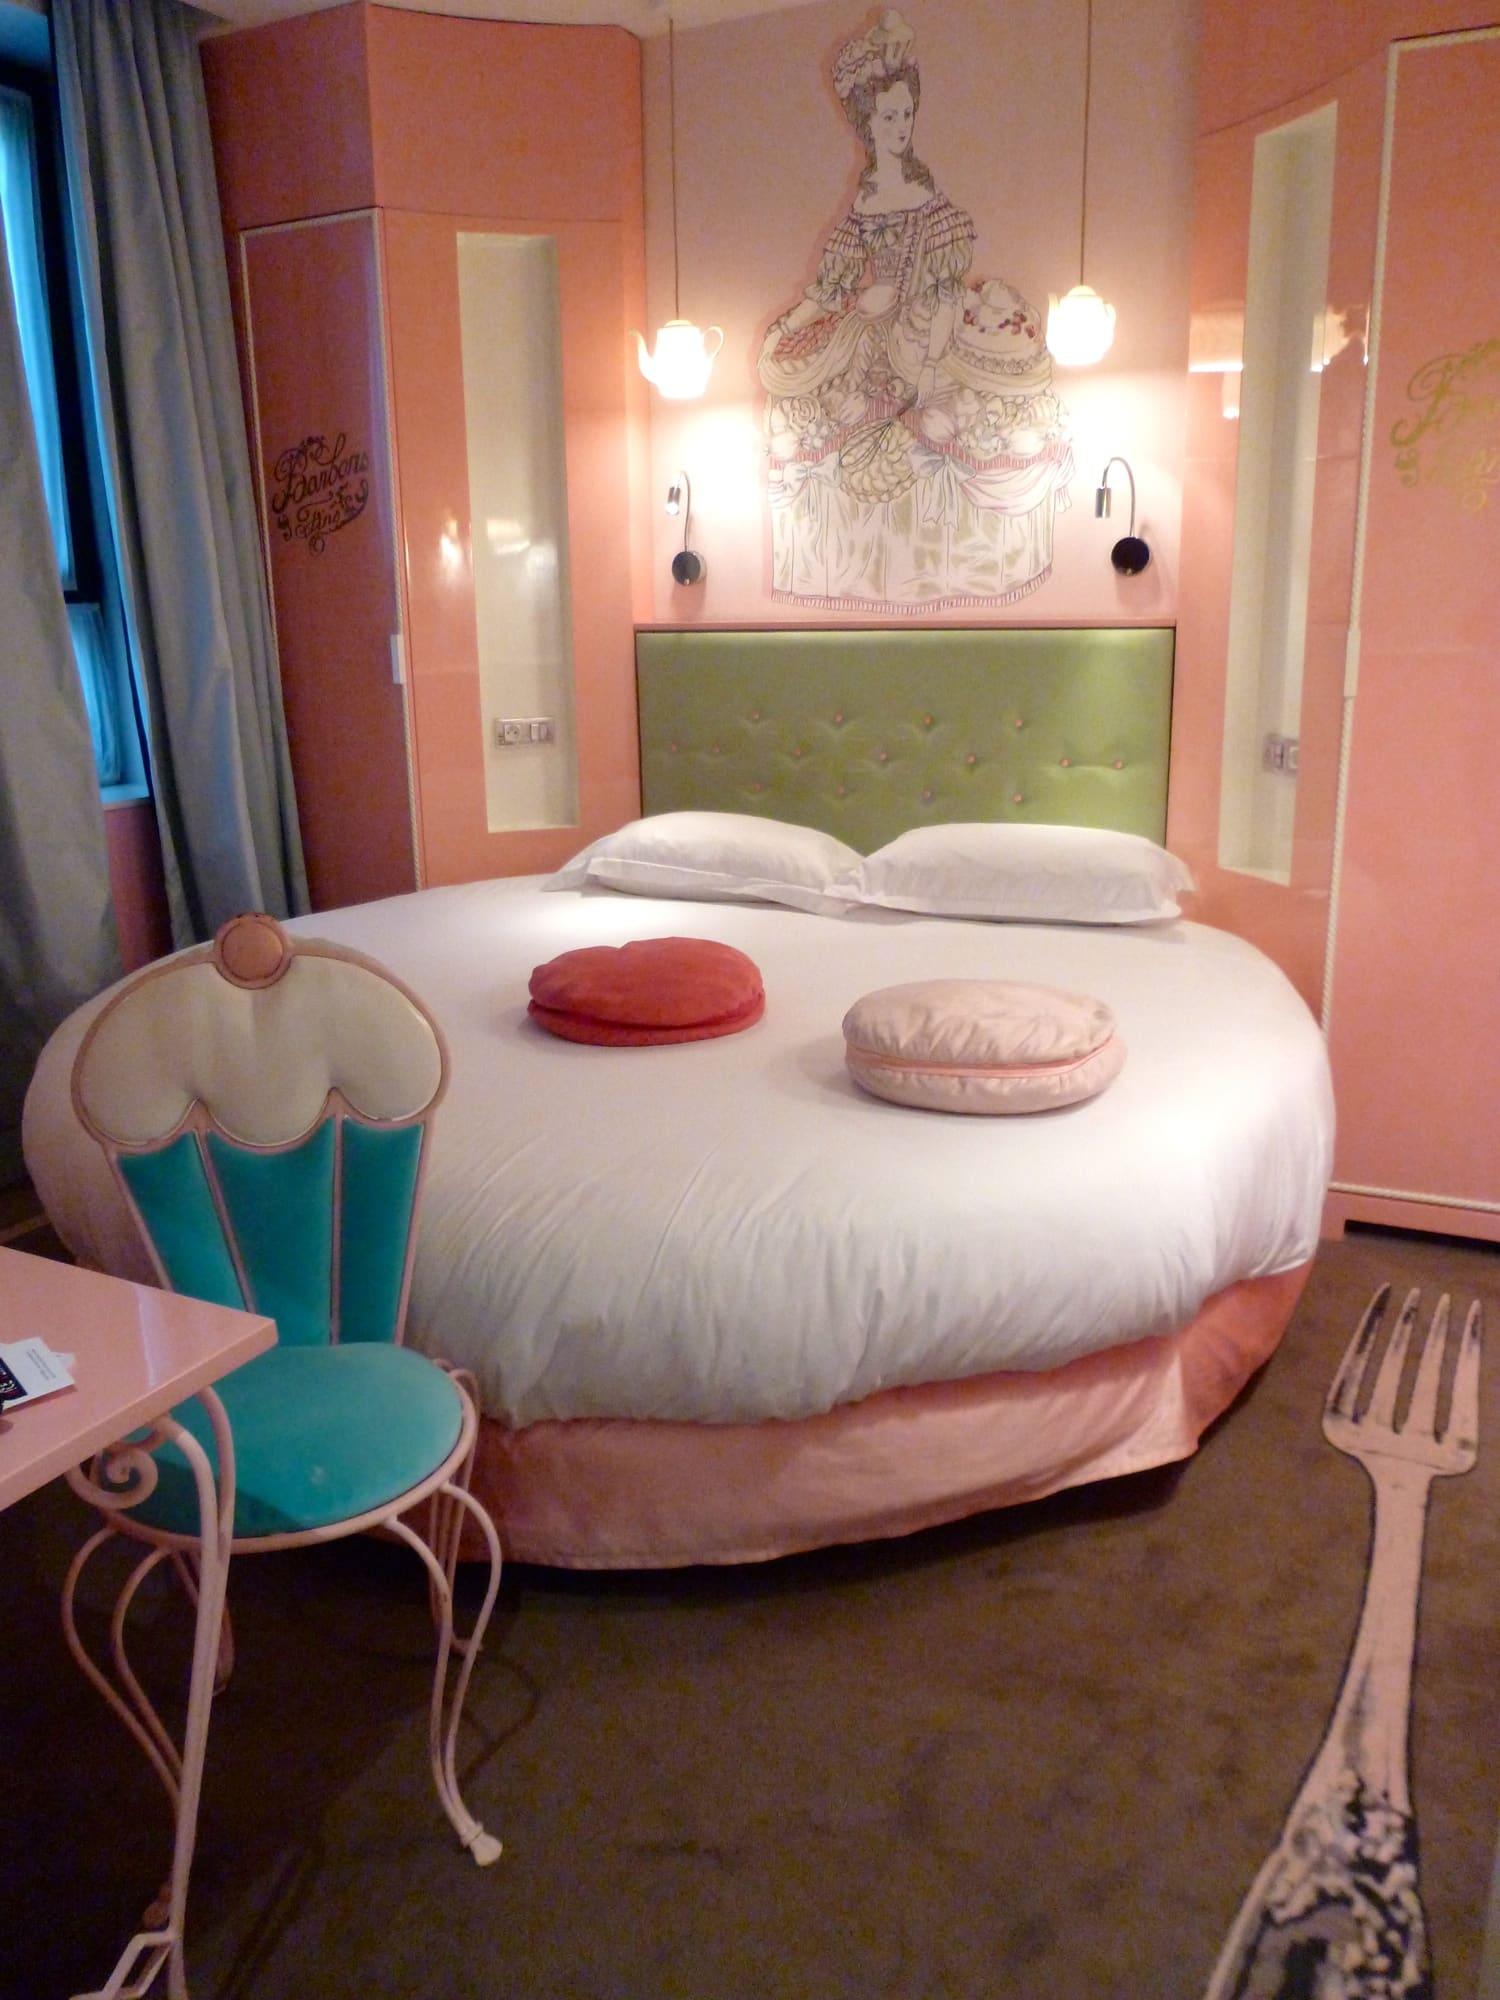 Super L'hôtel Vice Versa Paris : les 7 péchés capitaux selon Chantal Thomass DV82